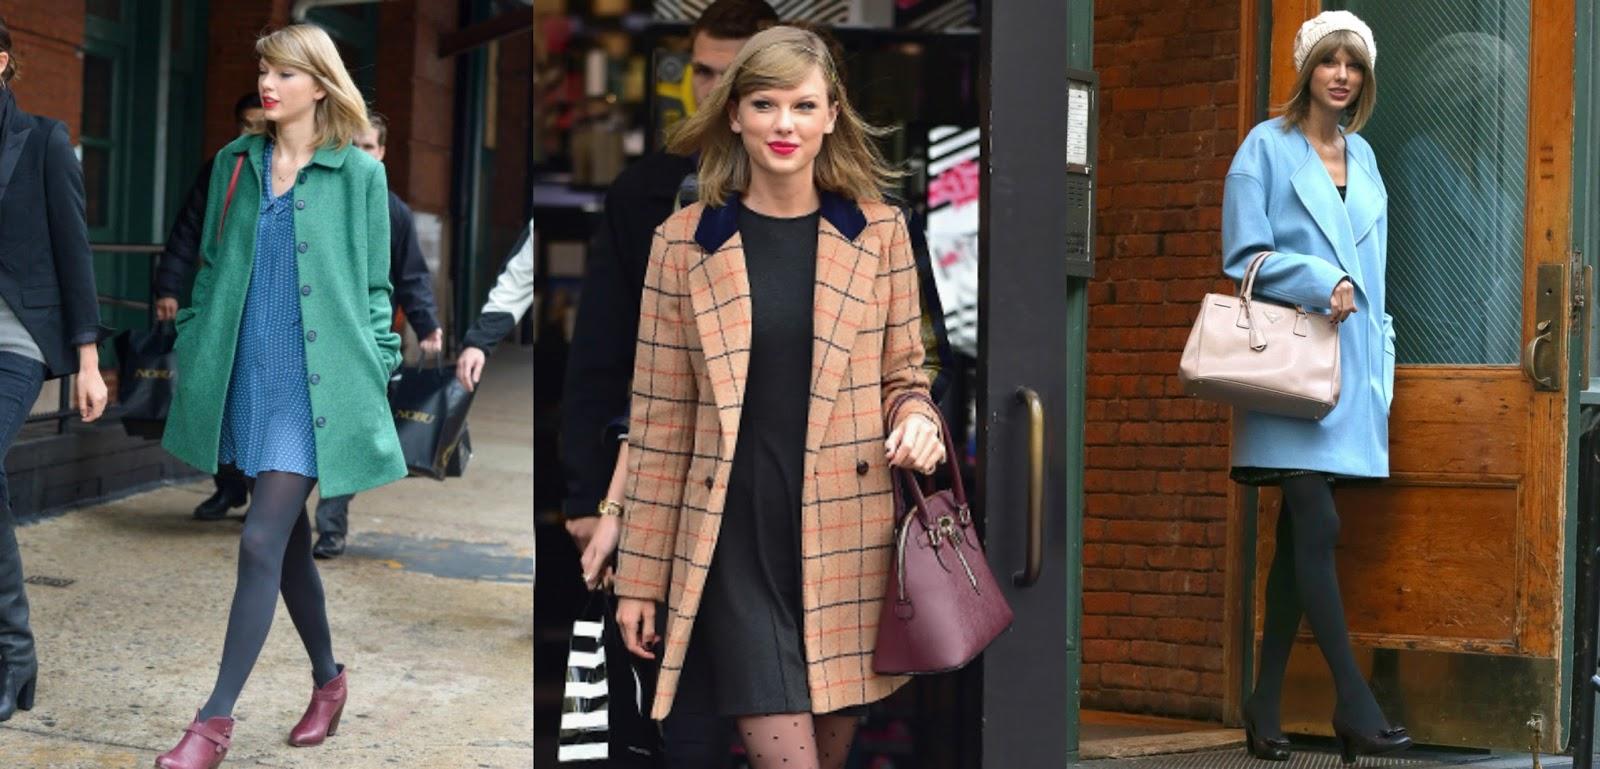 Uno de los clásicos de Taylor es el abrigo con tonos suaves, acompañado de  vestidos cortos y pantys oscuras. Ademas suele agregar a su outfit bolsos  de asa